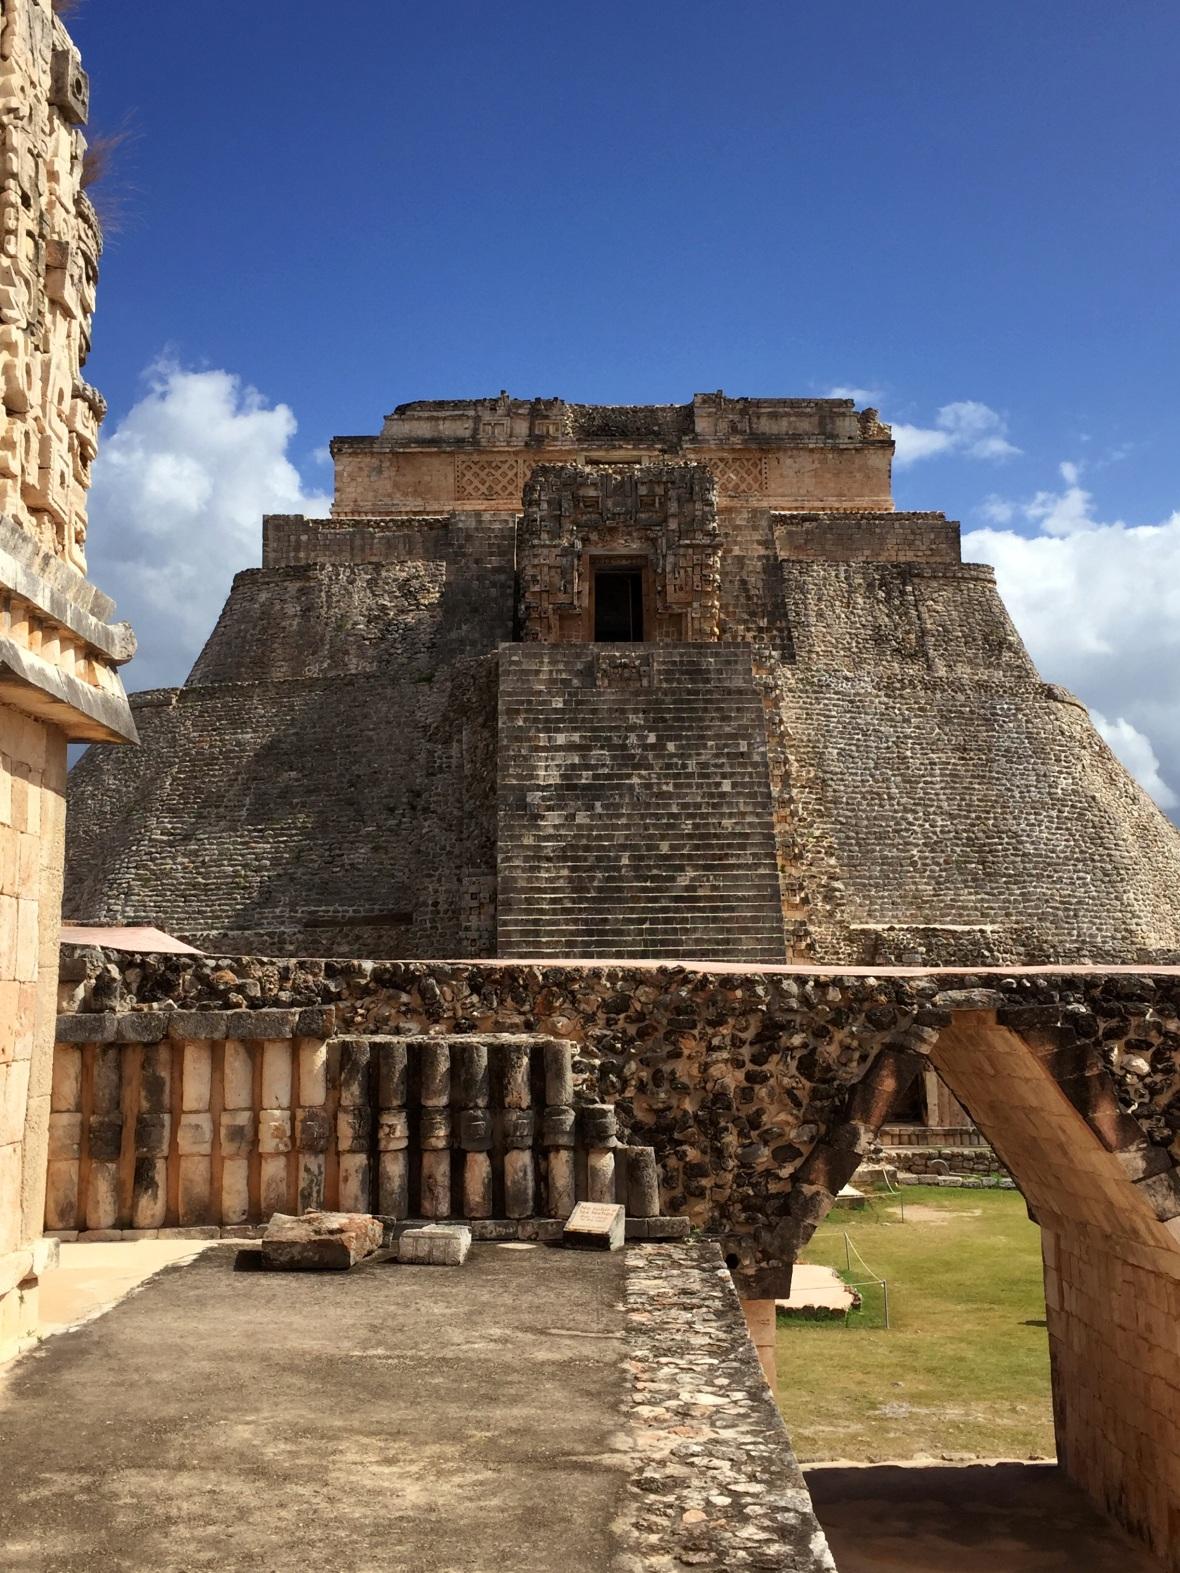 Travel + Leisure Mexico Chichen Itza at Yucatan